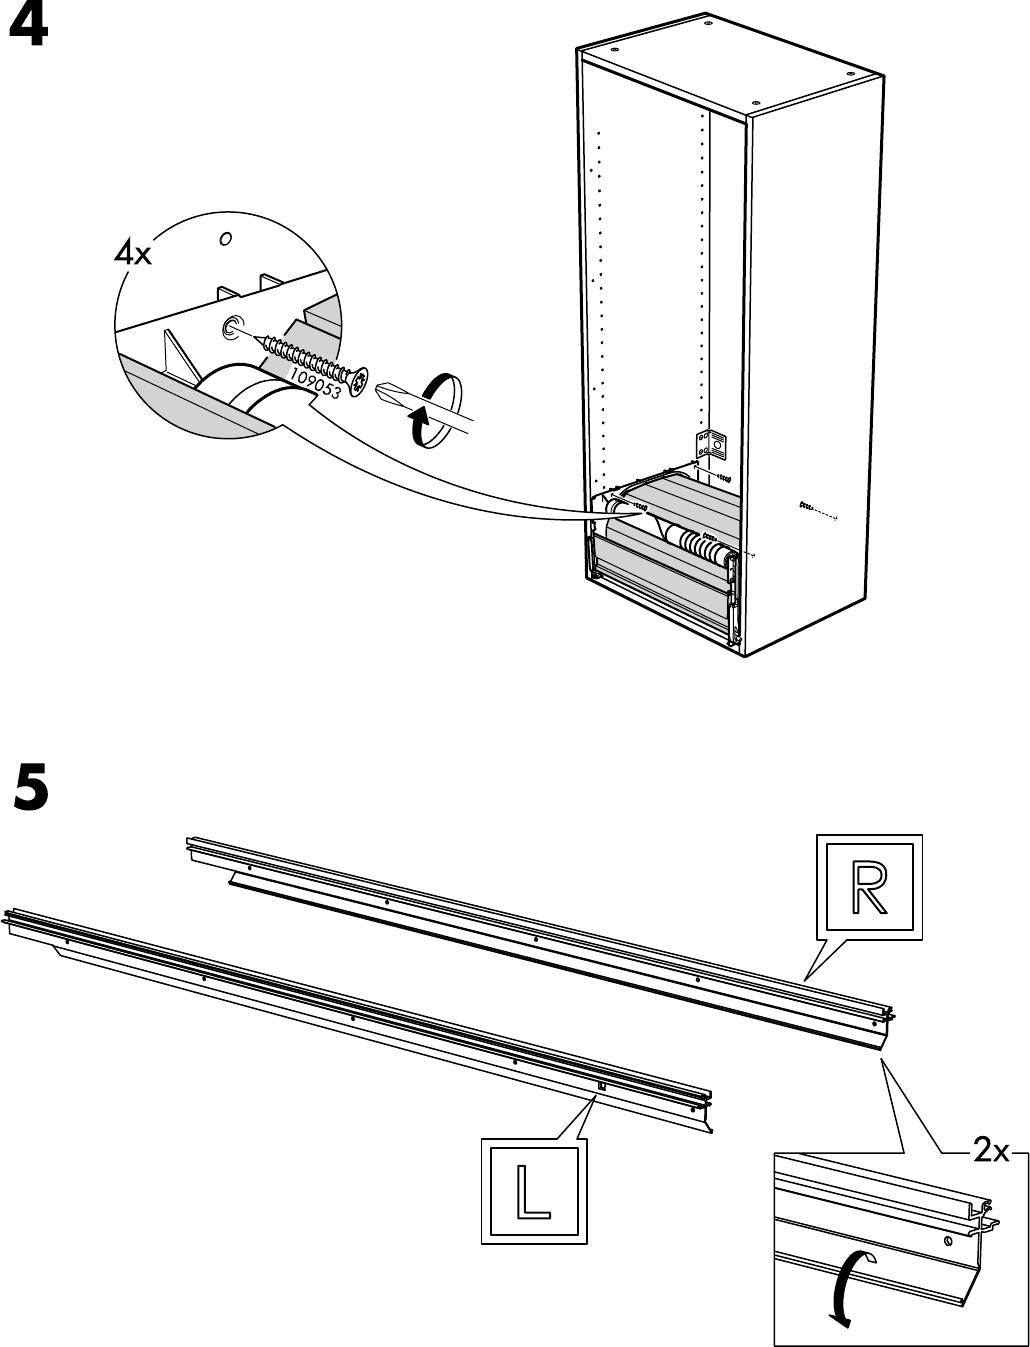 Verrassend Ikea Roldeurkast. Cool Ikea Kast X With Garage Kasten With Ikea CR-55